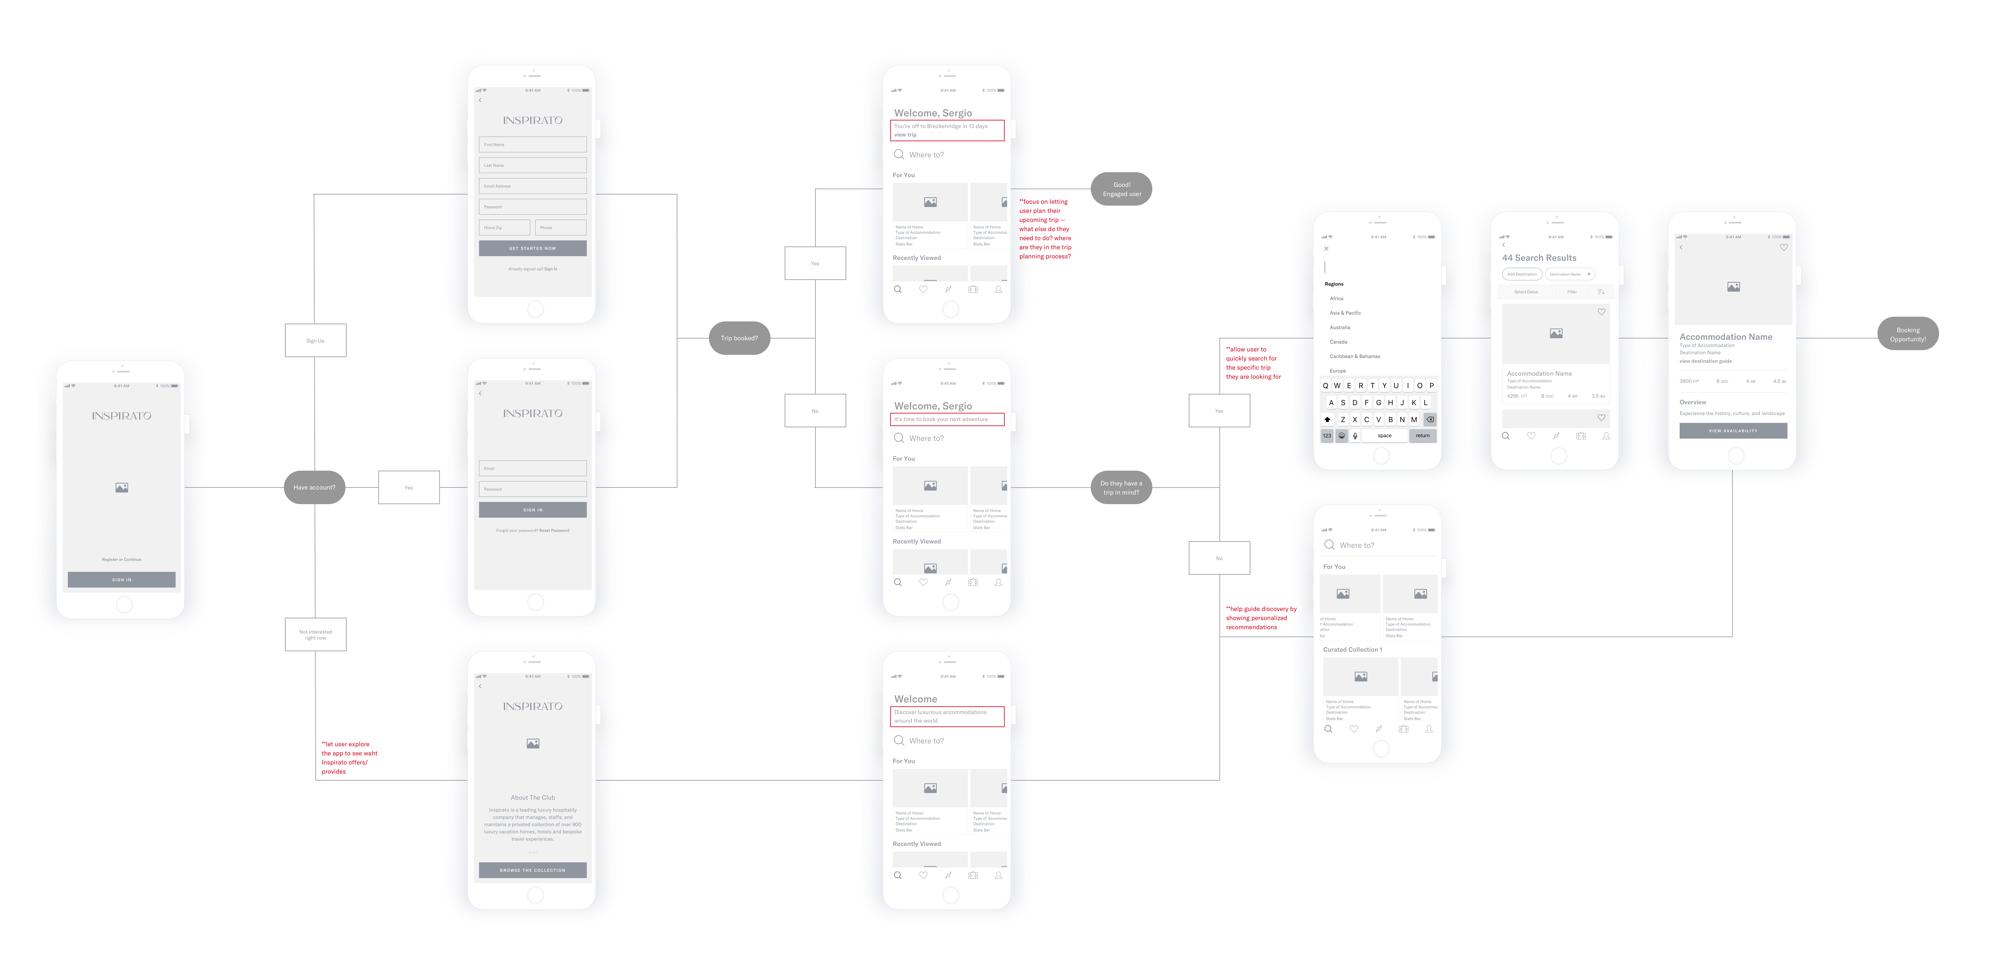 User_Flow_Diagram2.png